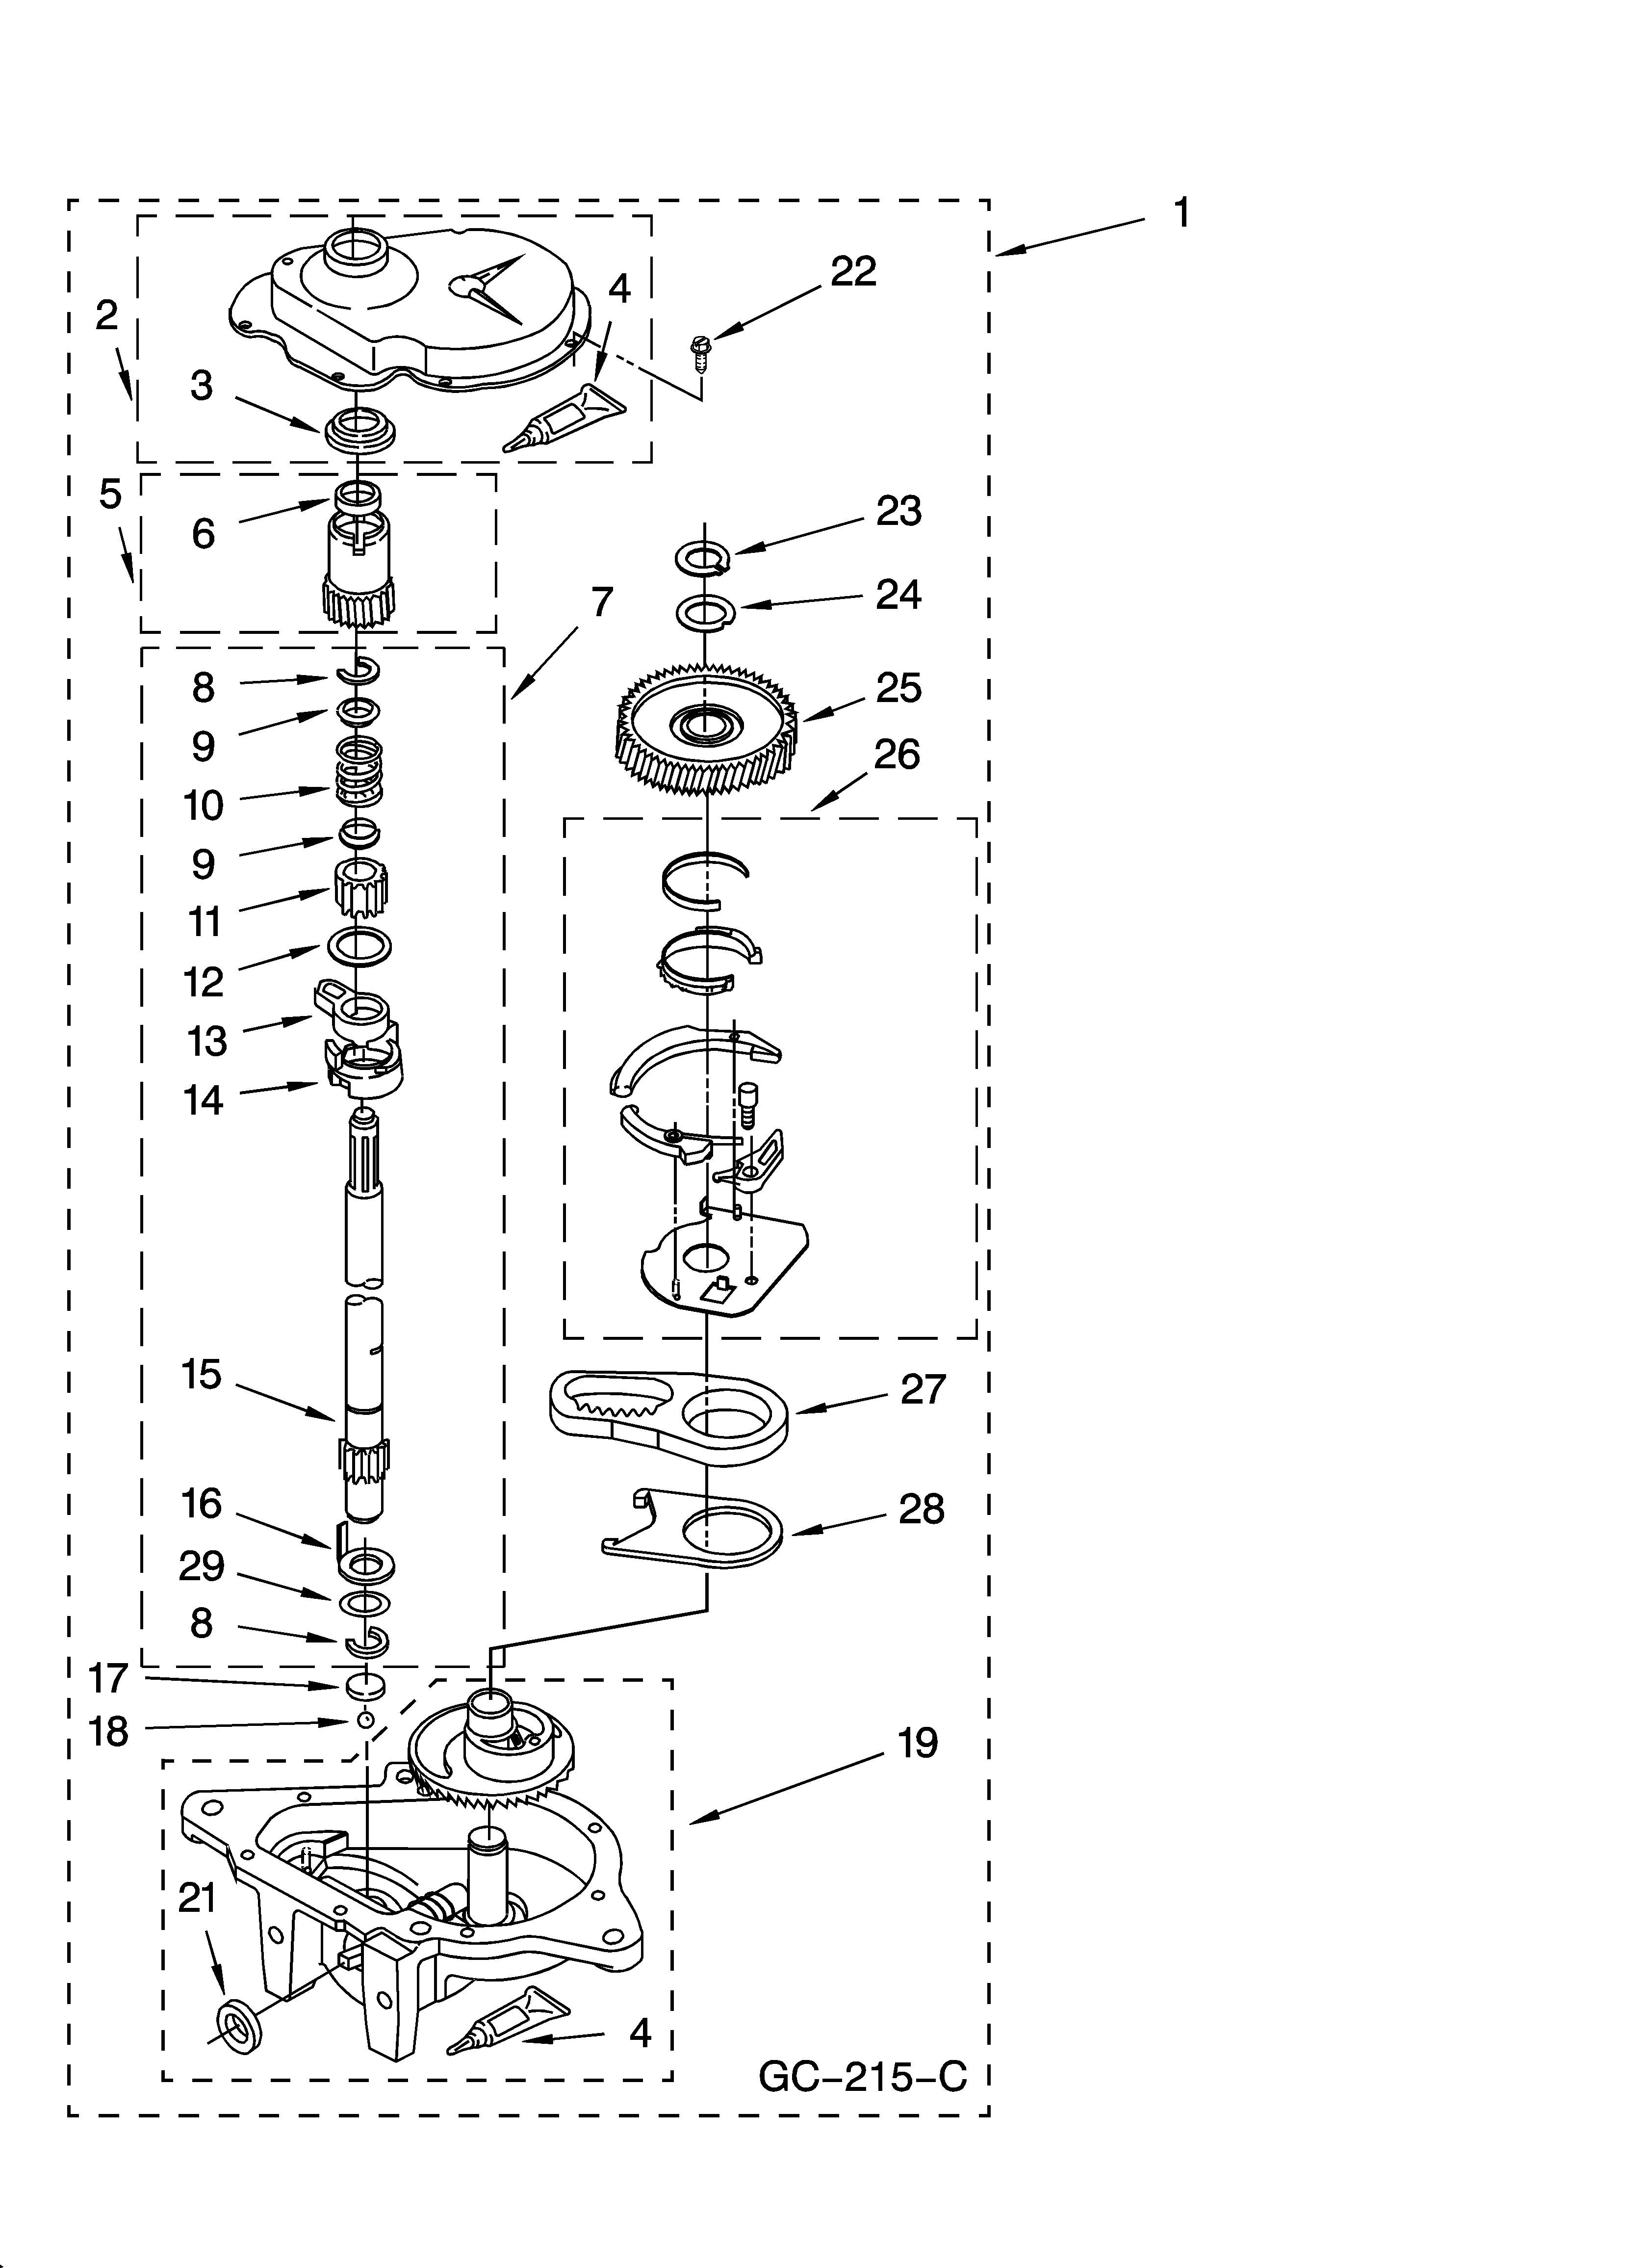 Kenmore Washer Wiring Diagram Kenmore Elite Washer Parts Model Of Kenmore Washer Wiring Diagram